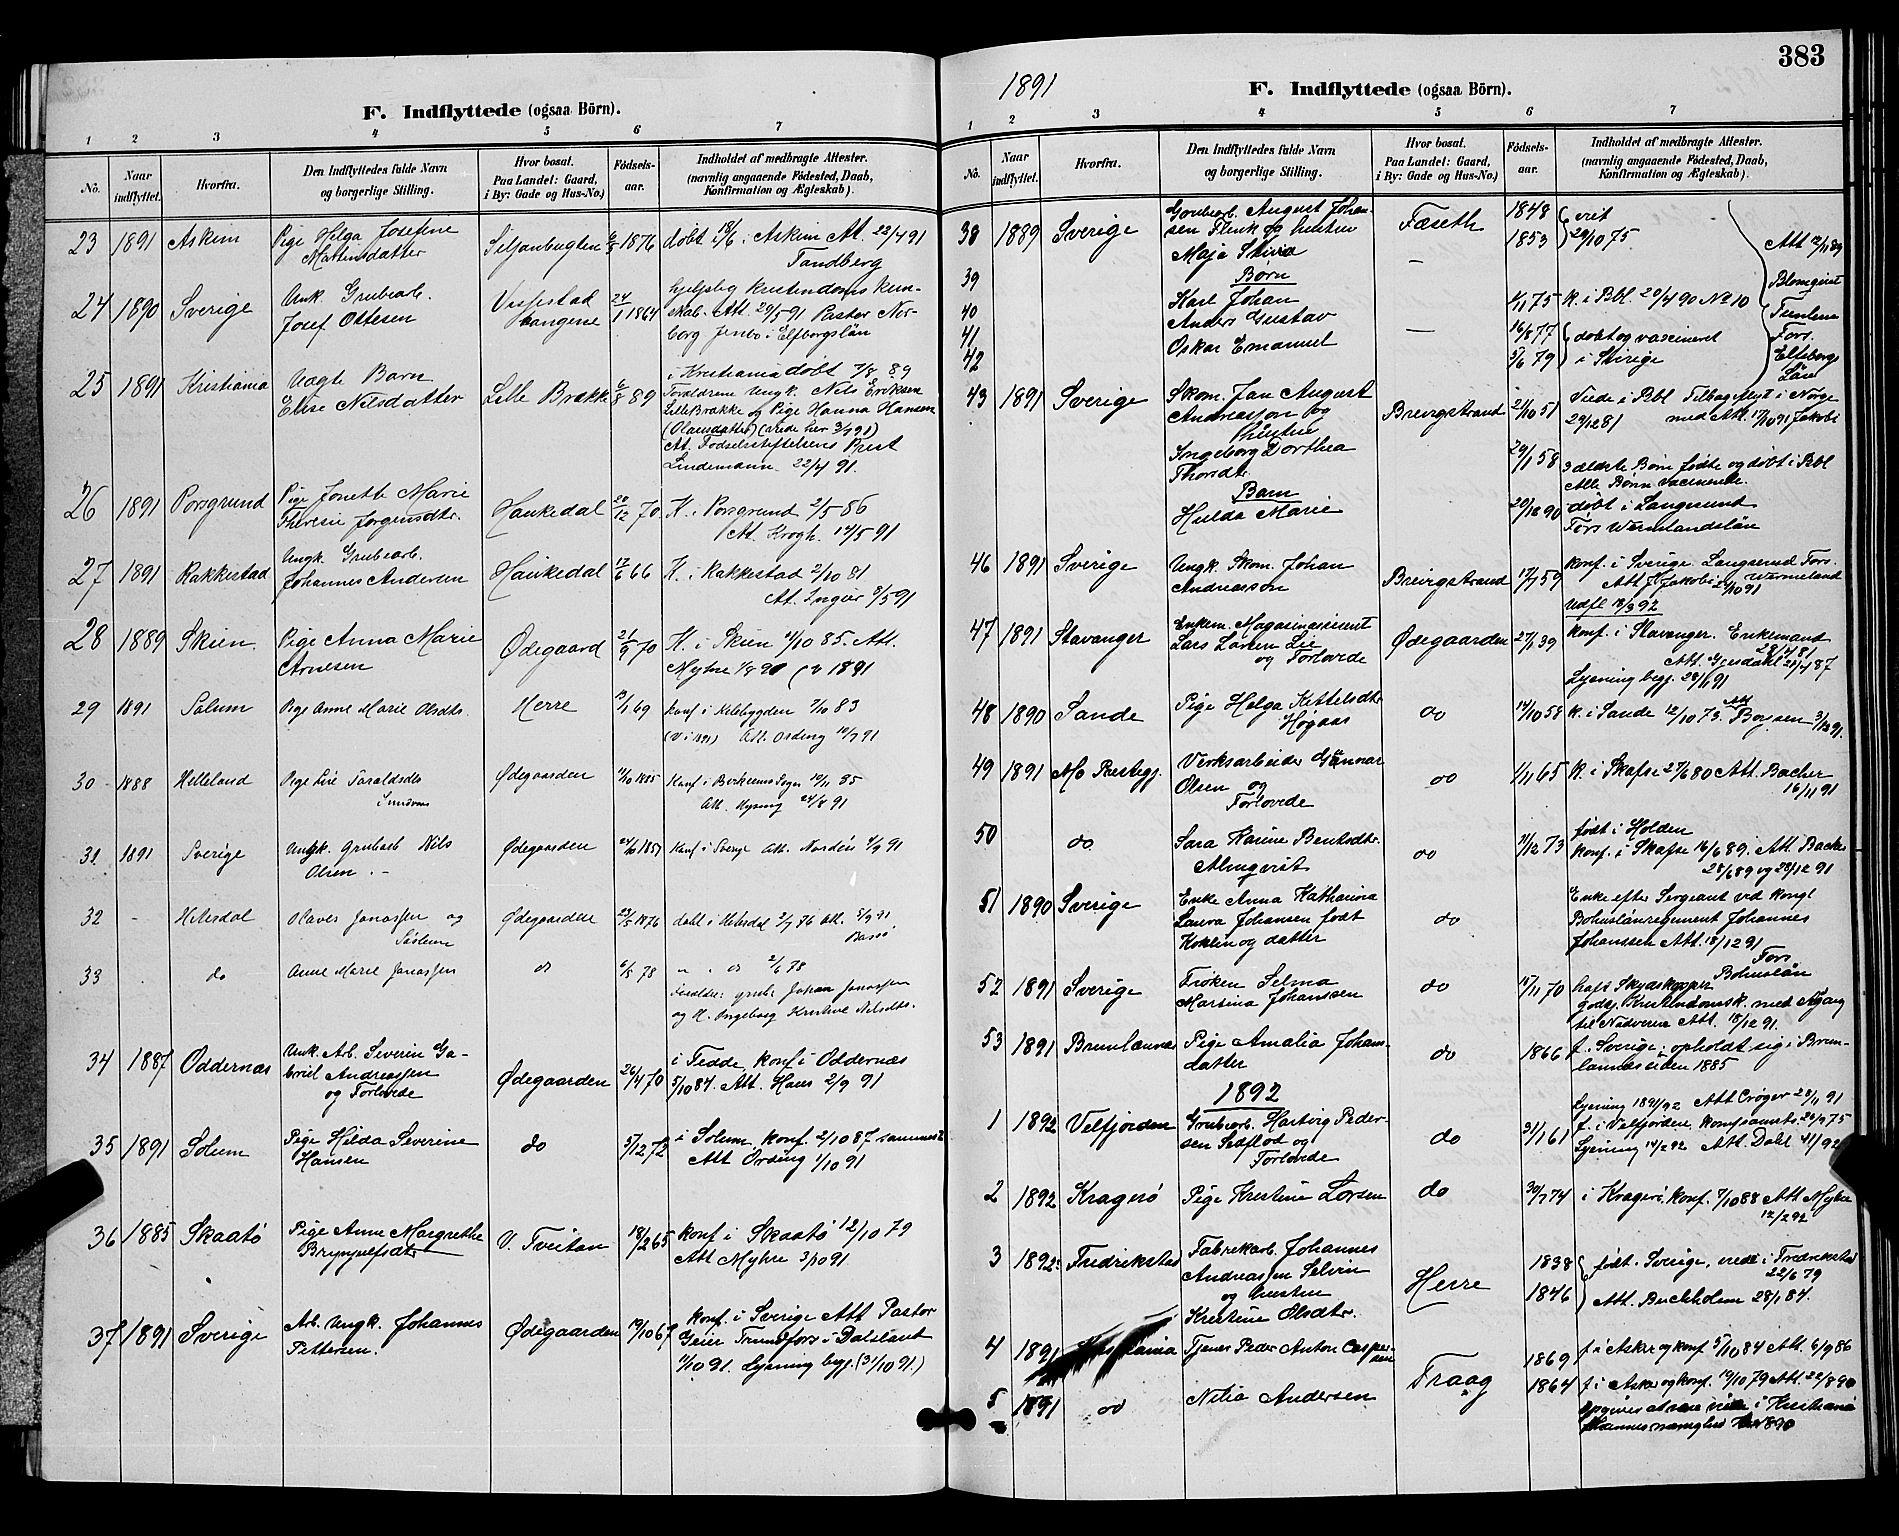 SAKO, Bamble kirkebøker, G/Ga/L0009: Klokkerbok nr. I 9, 1888-1900, s. 383